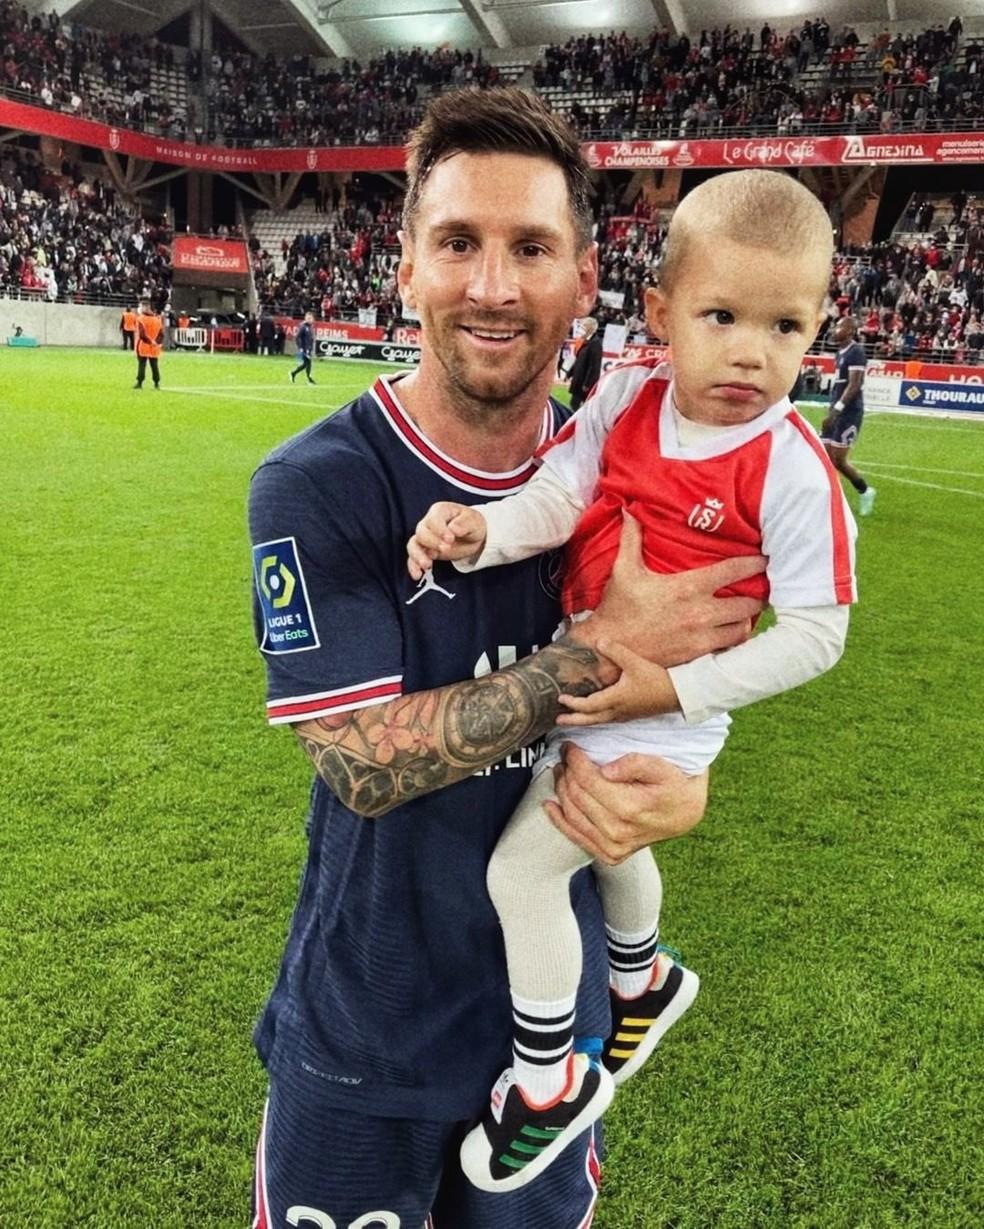 Messi com filho do goleiro do Reims após partida pelo Campeonato Francês — Foto: Predrag Rajkovic